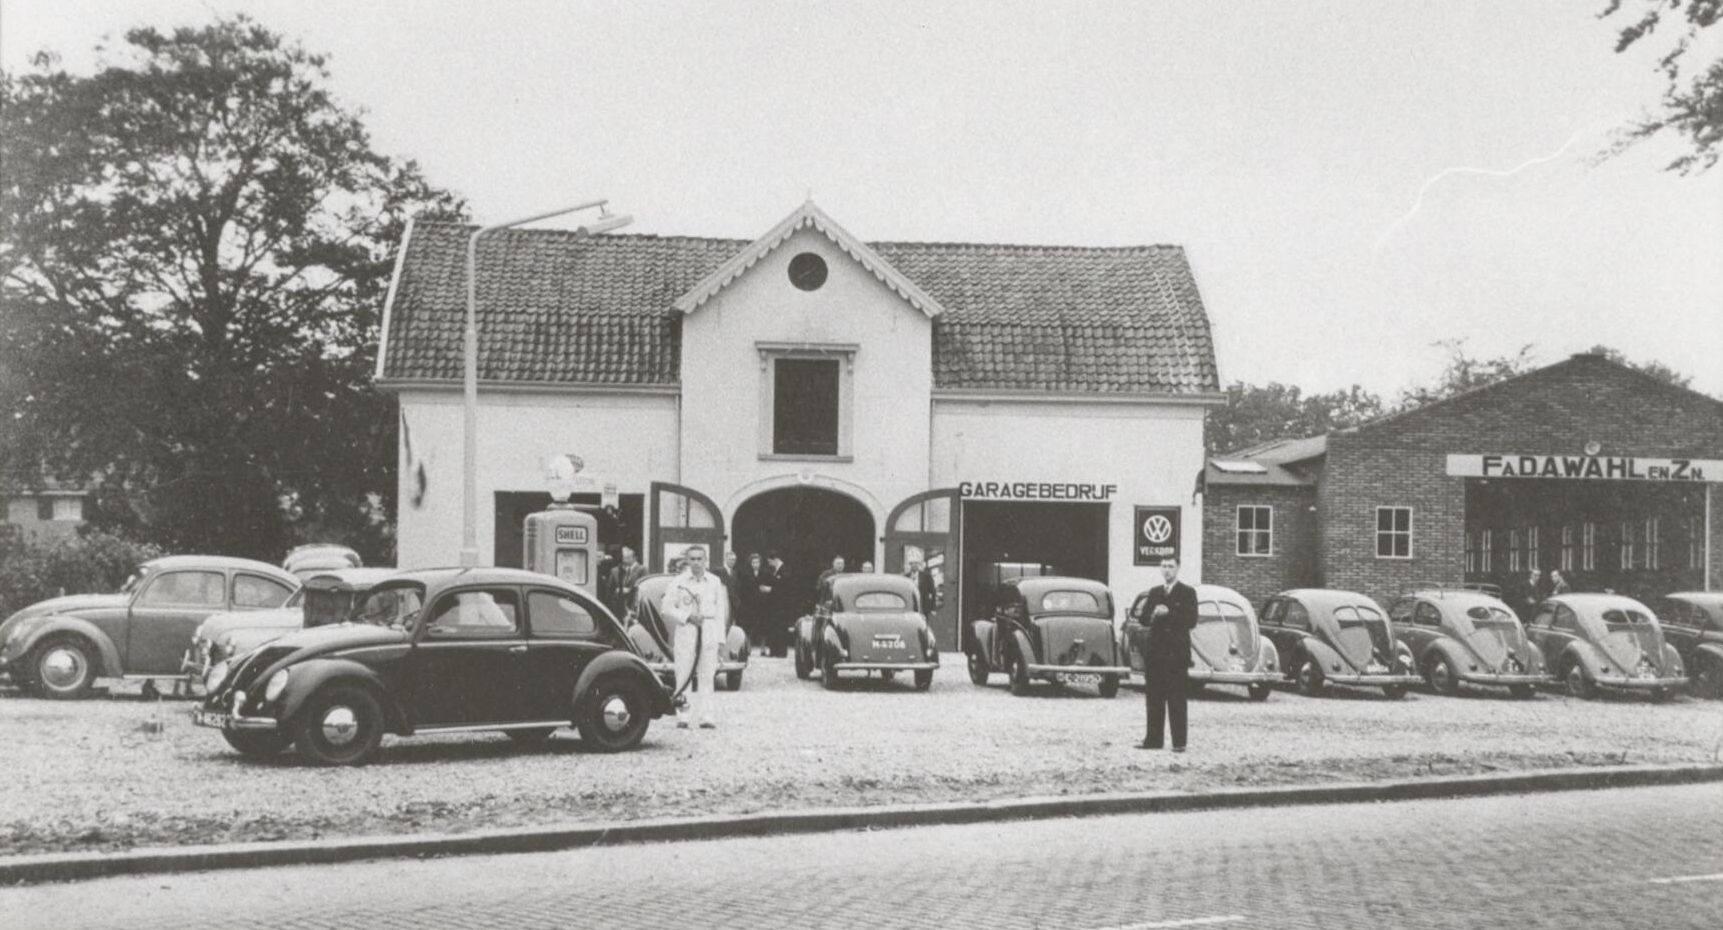 VW-Dealer---Garagebedrijf-Wahl--1951